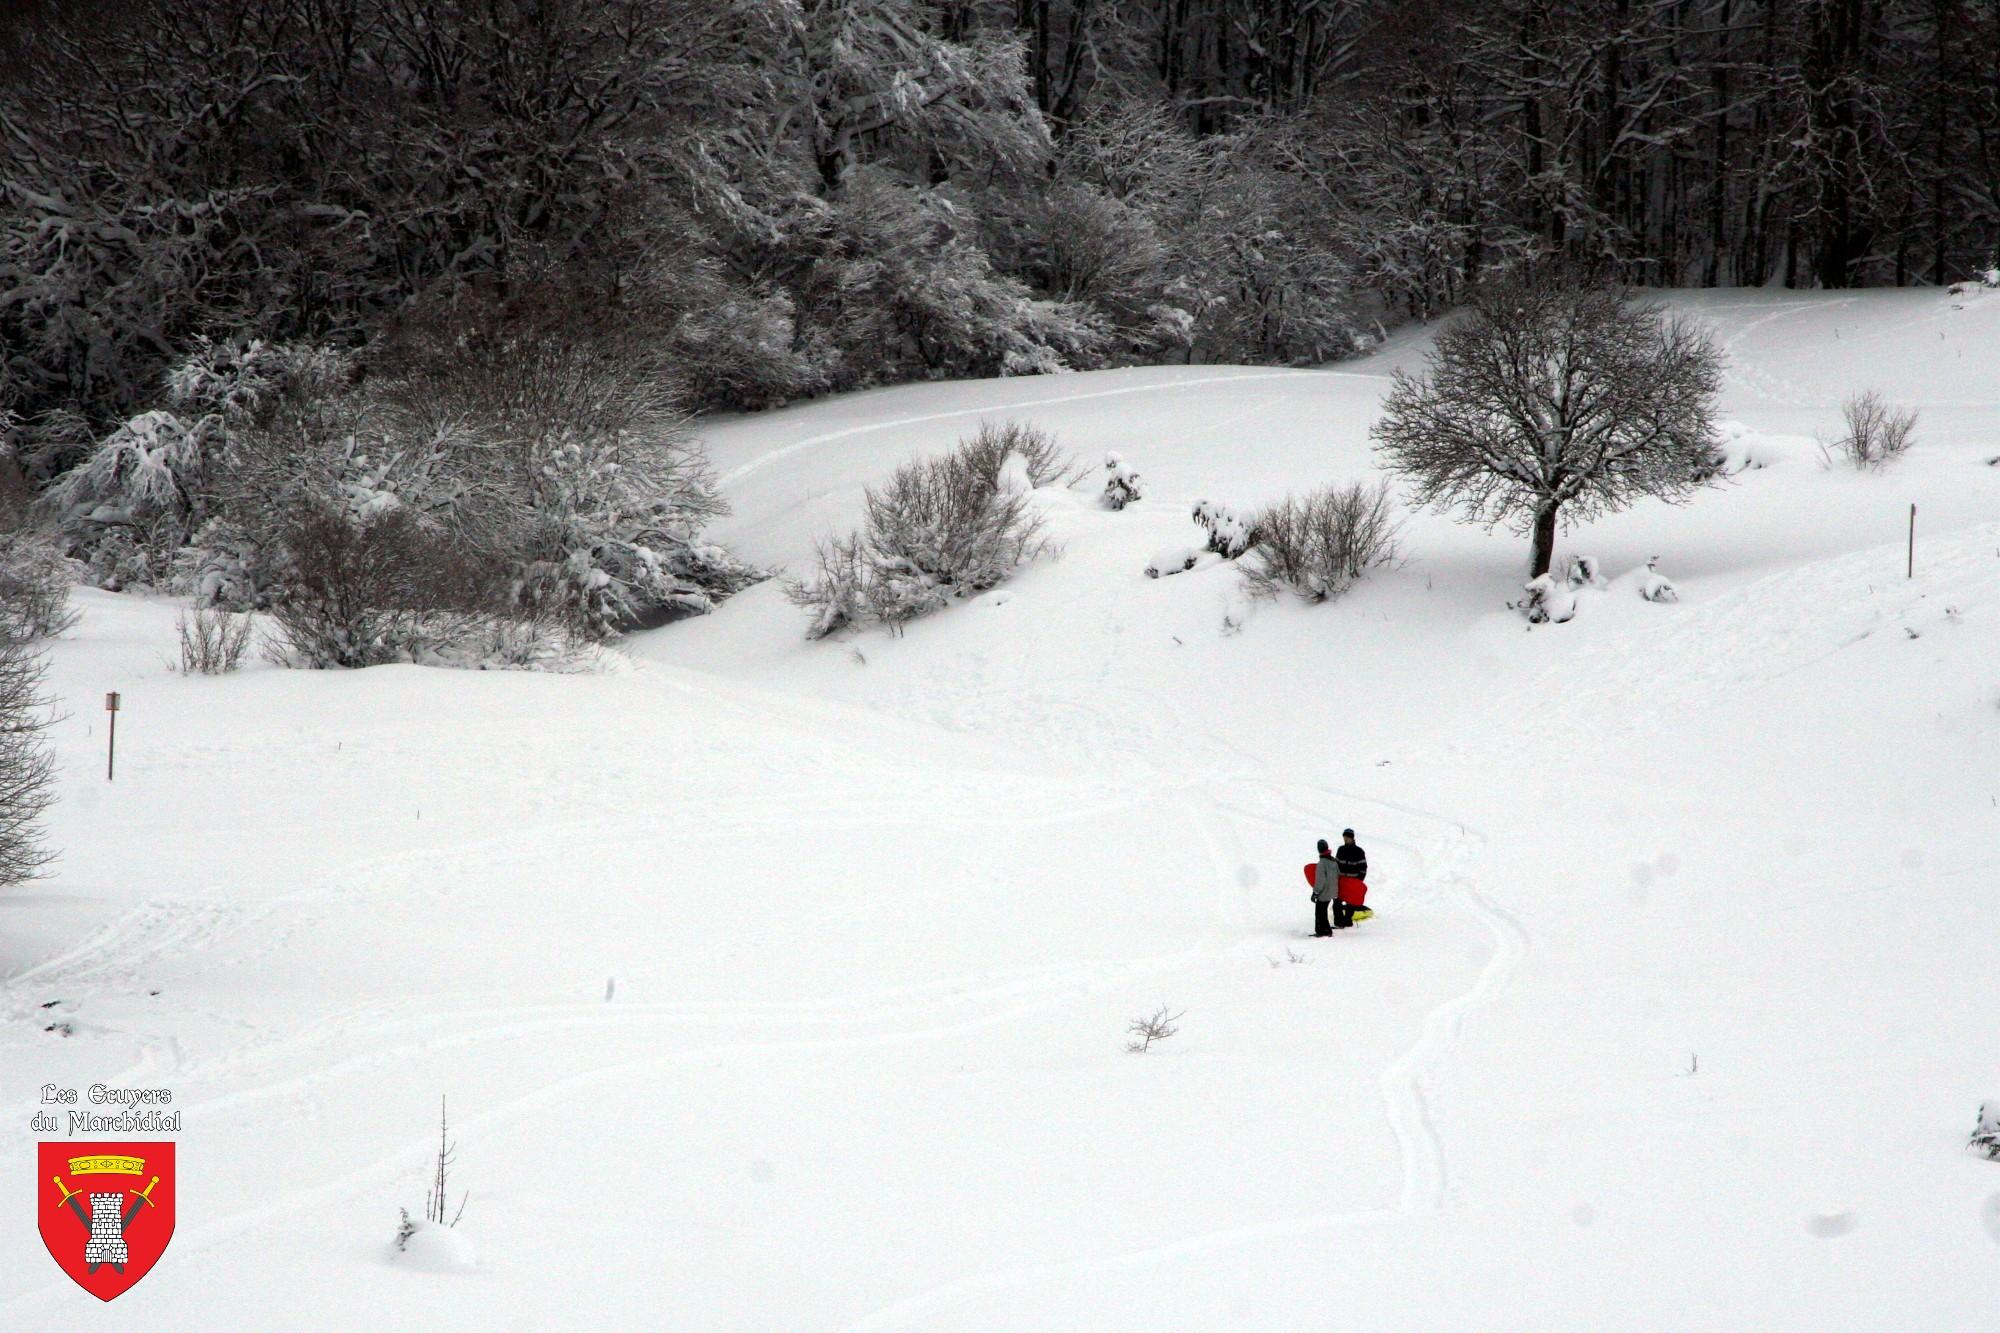 2021-01-03_Sortie_neige-04-marchidial.fr_